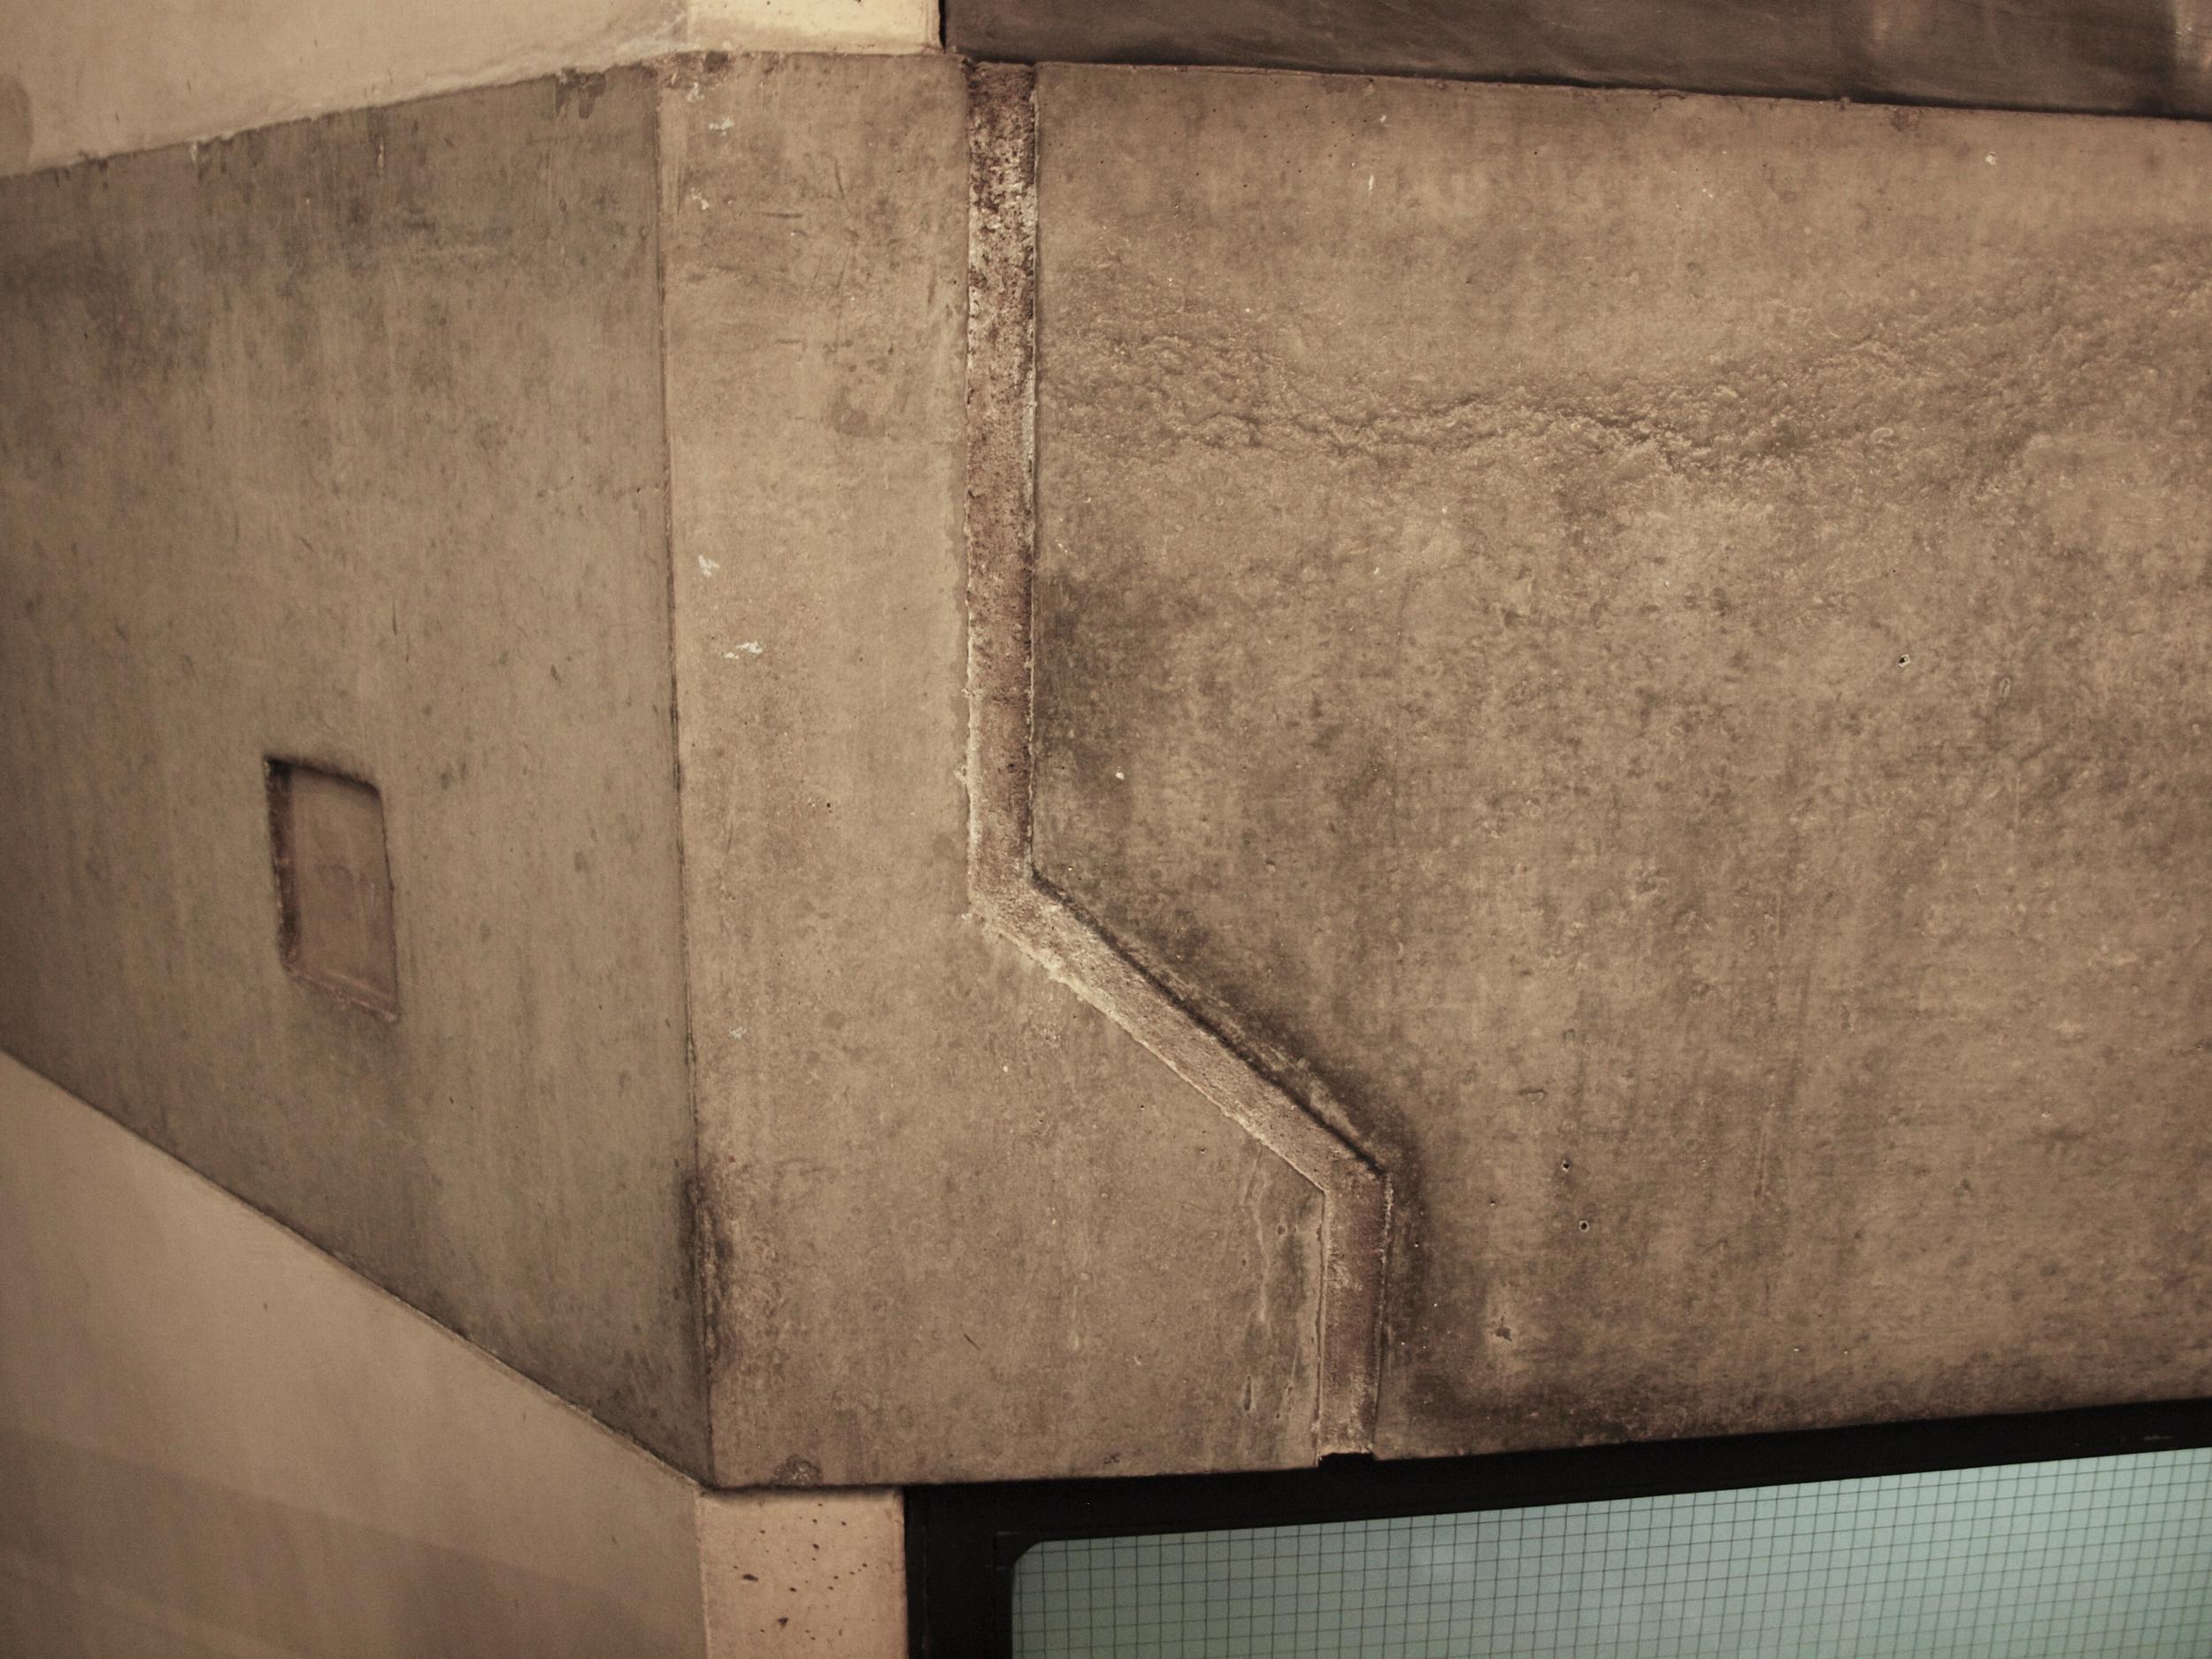 Concrete casting detail